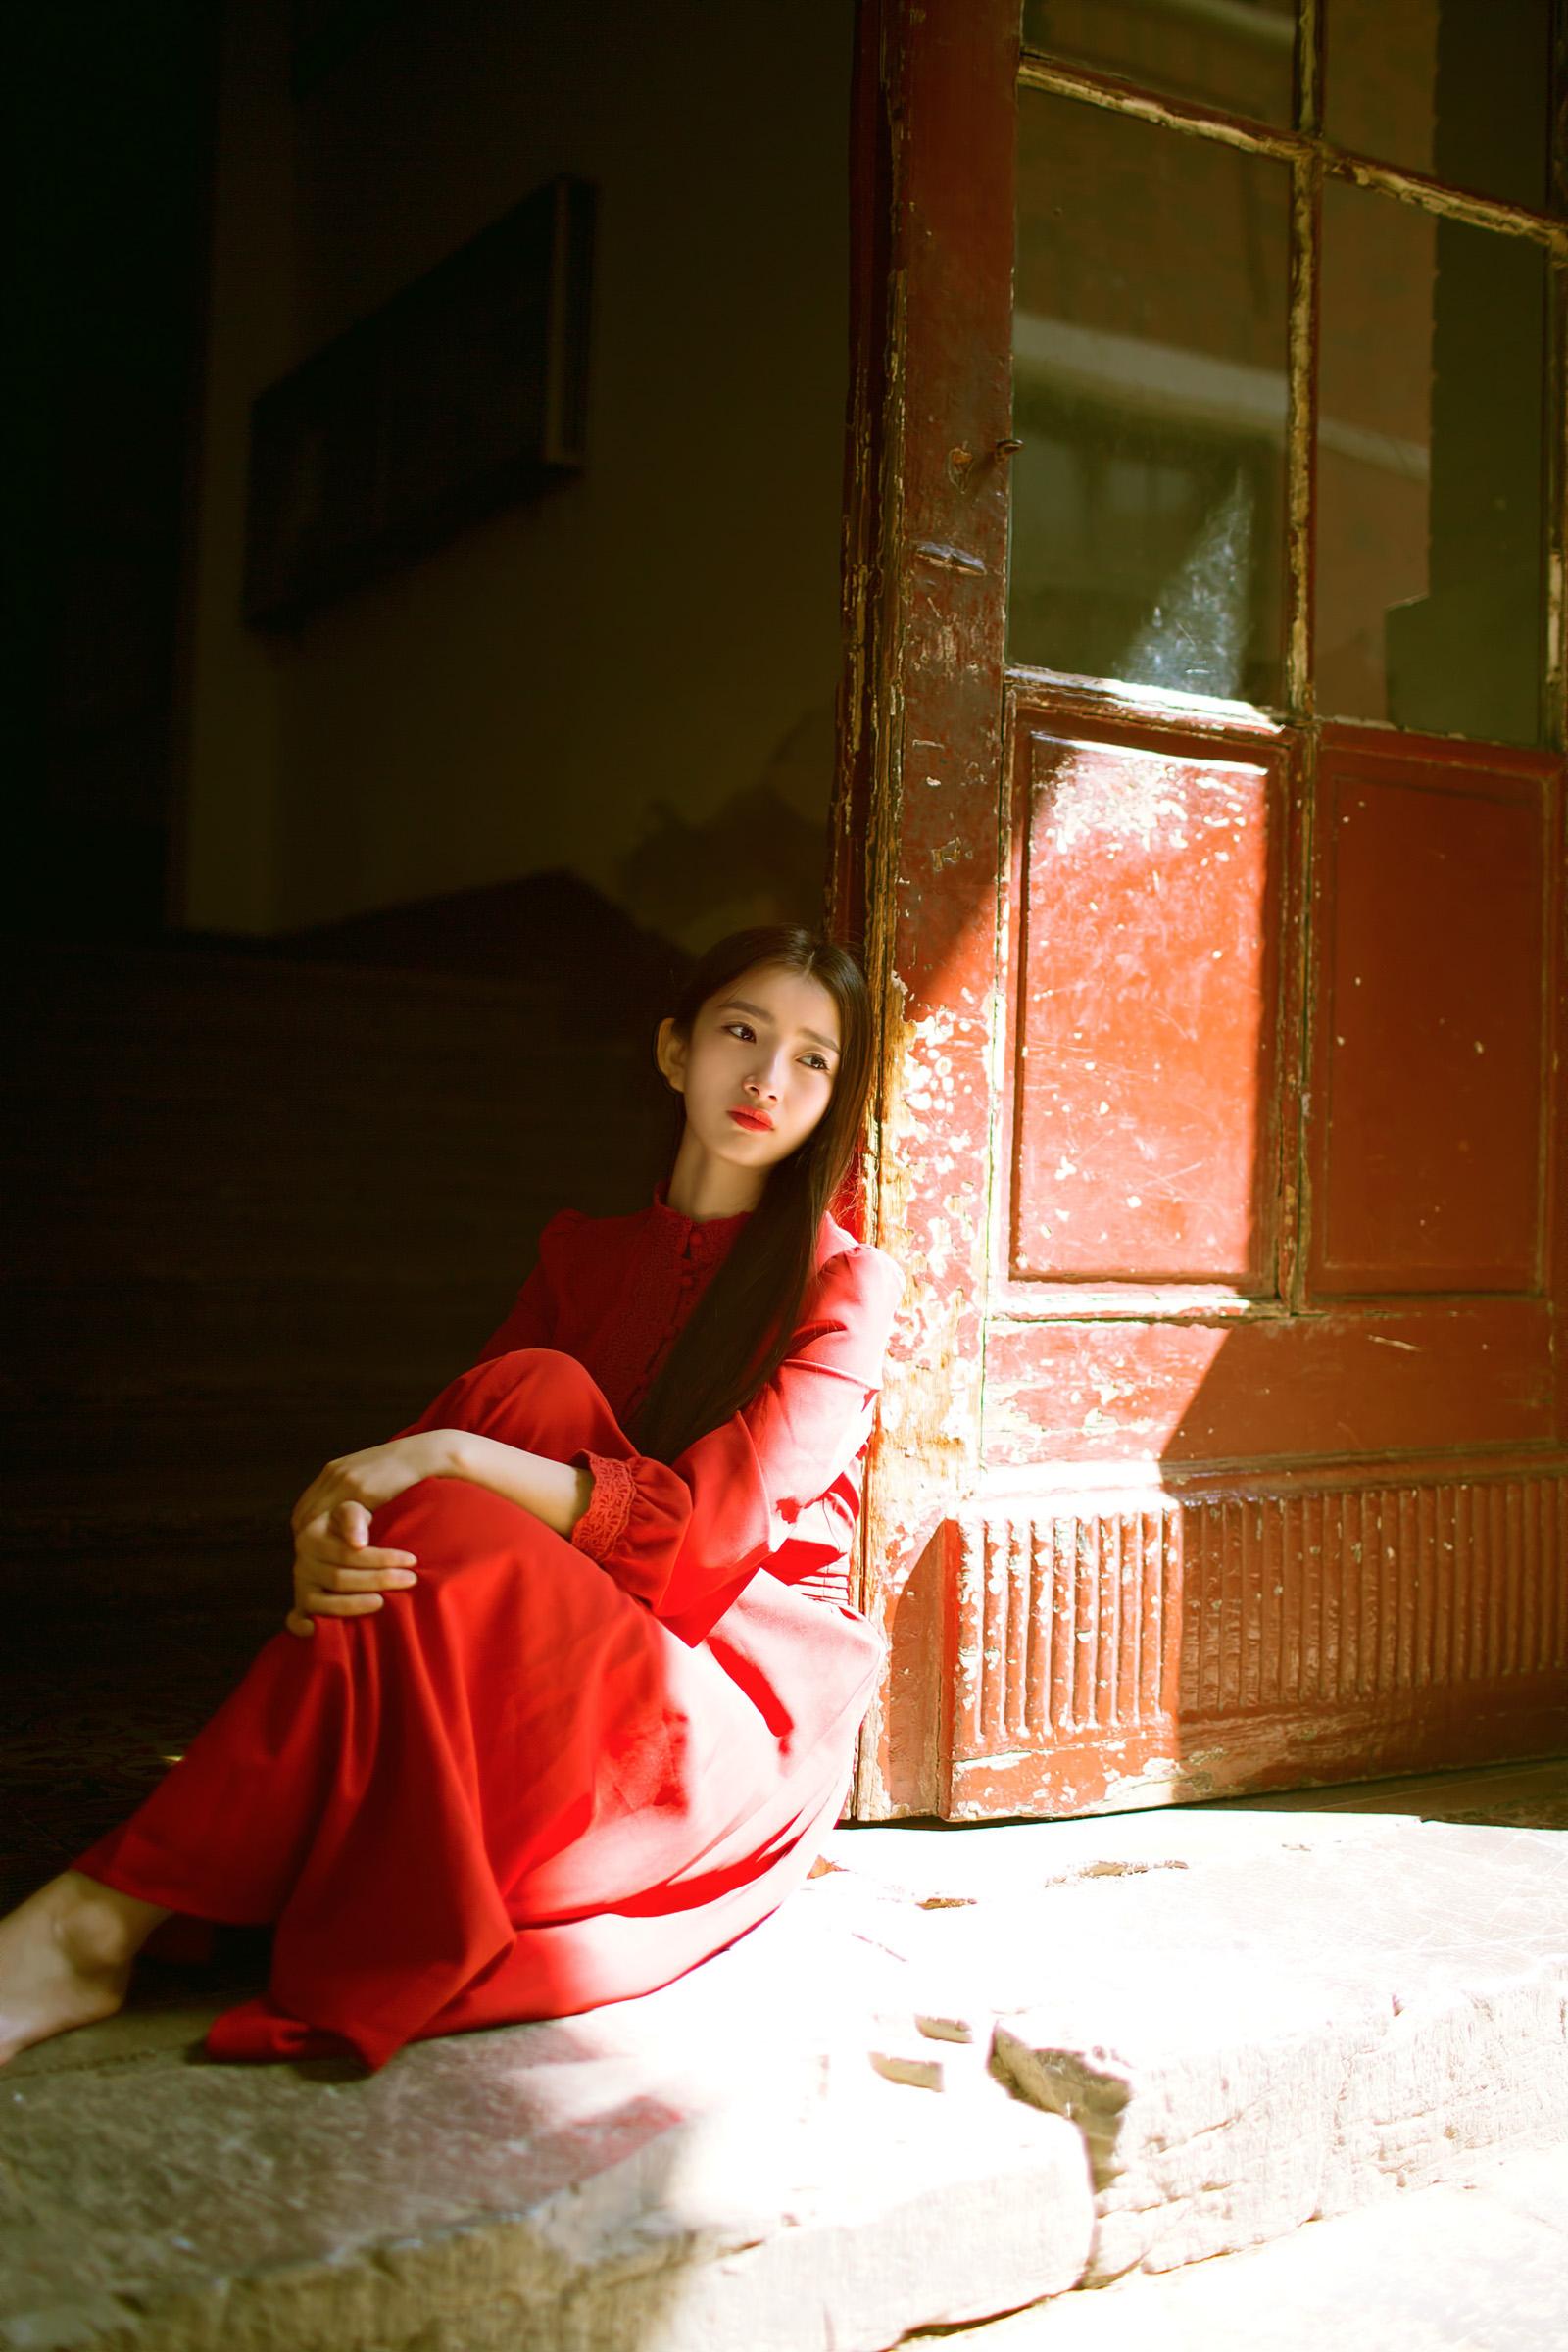 隔着红尘的距离 静静地读你【情感美文】 - 花仙子 - 花仙子的博客.